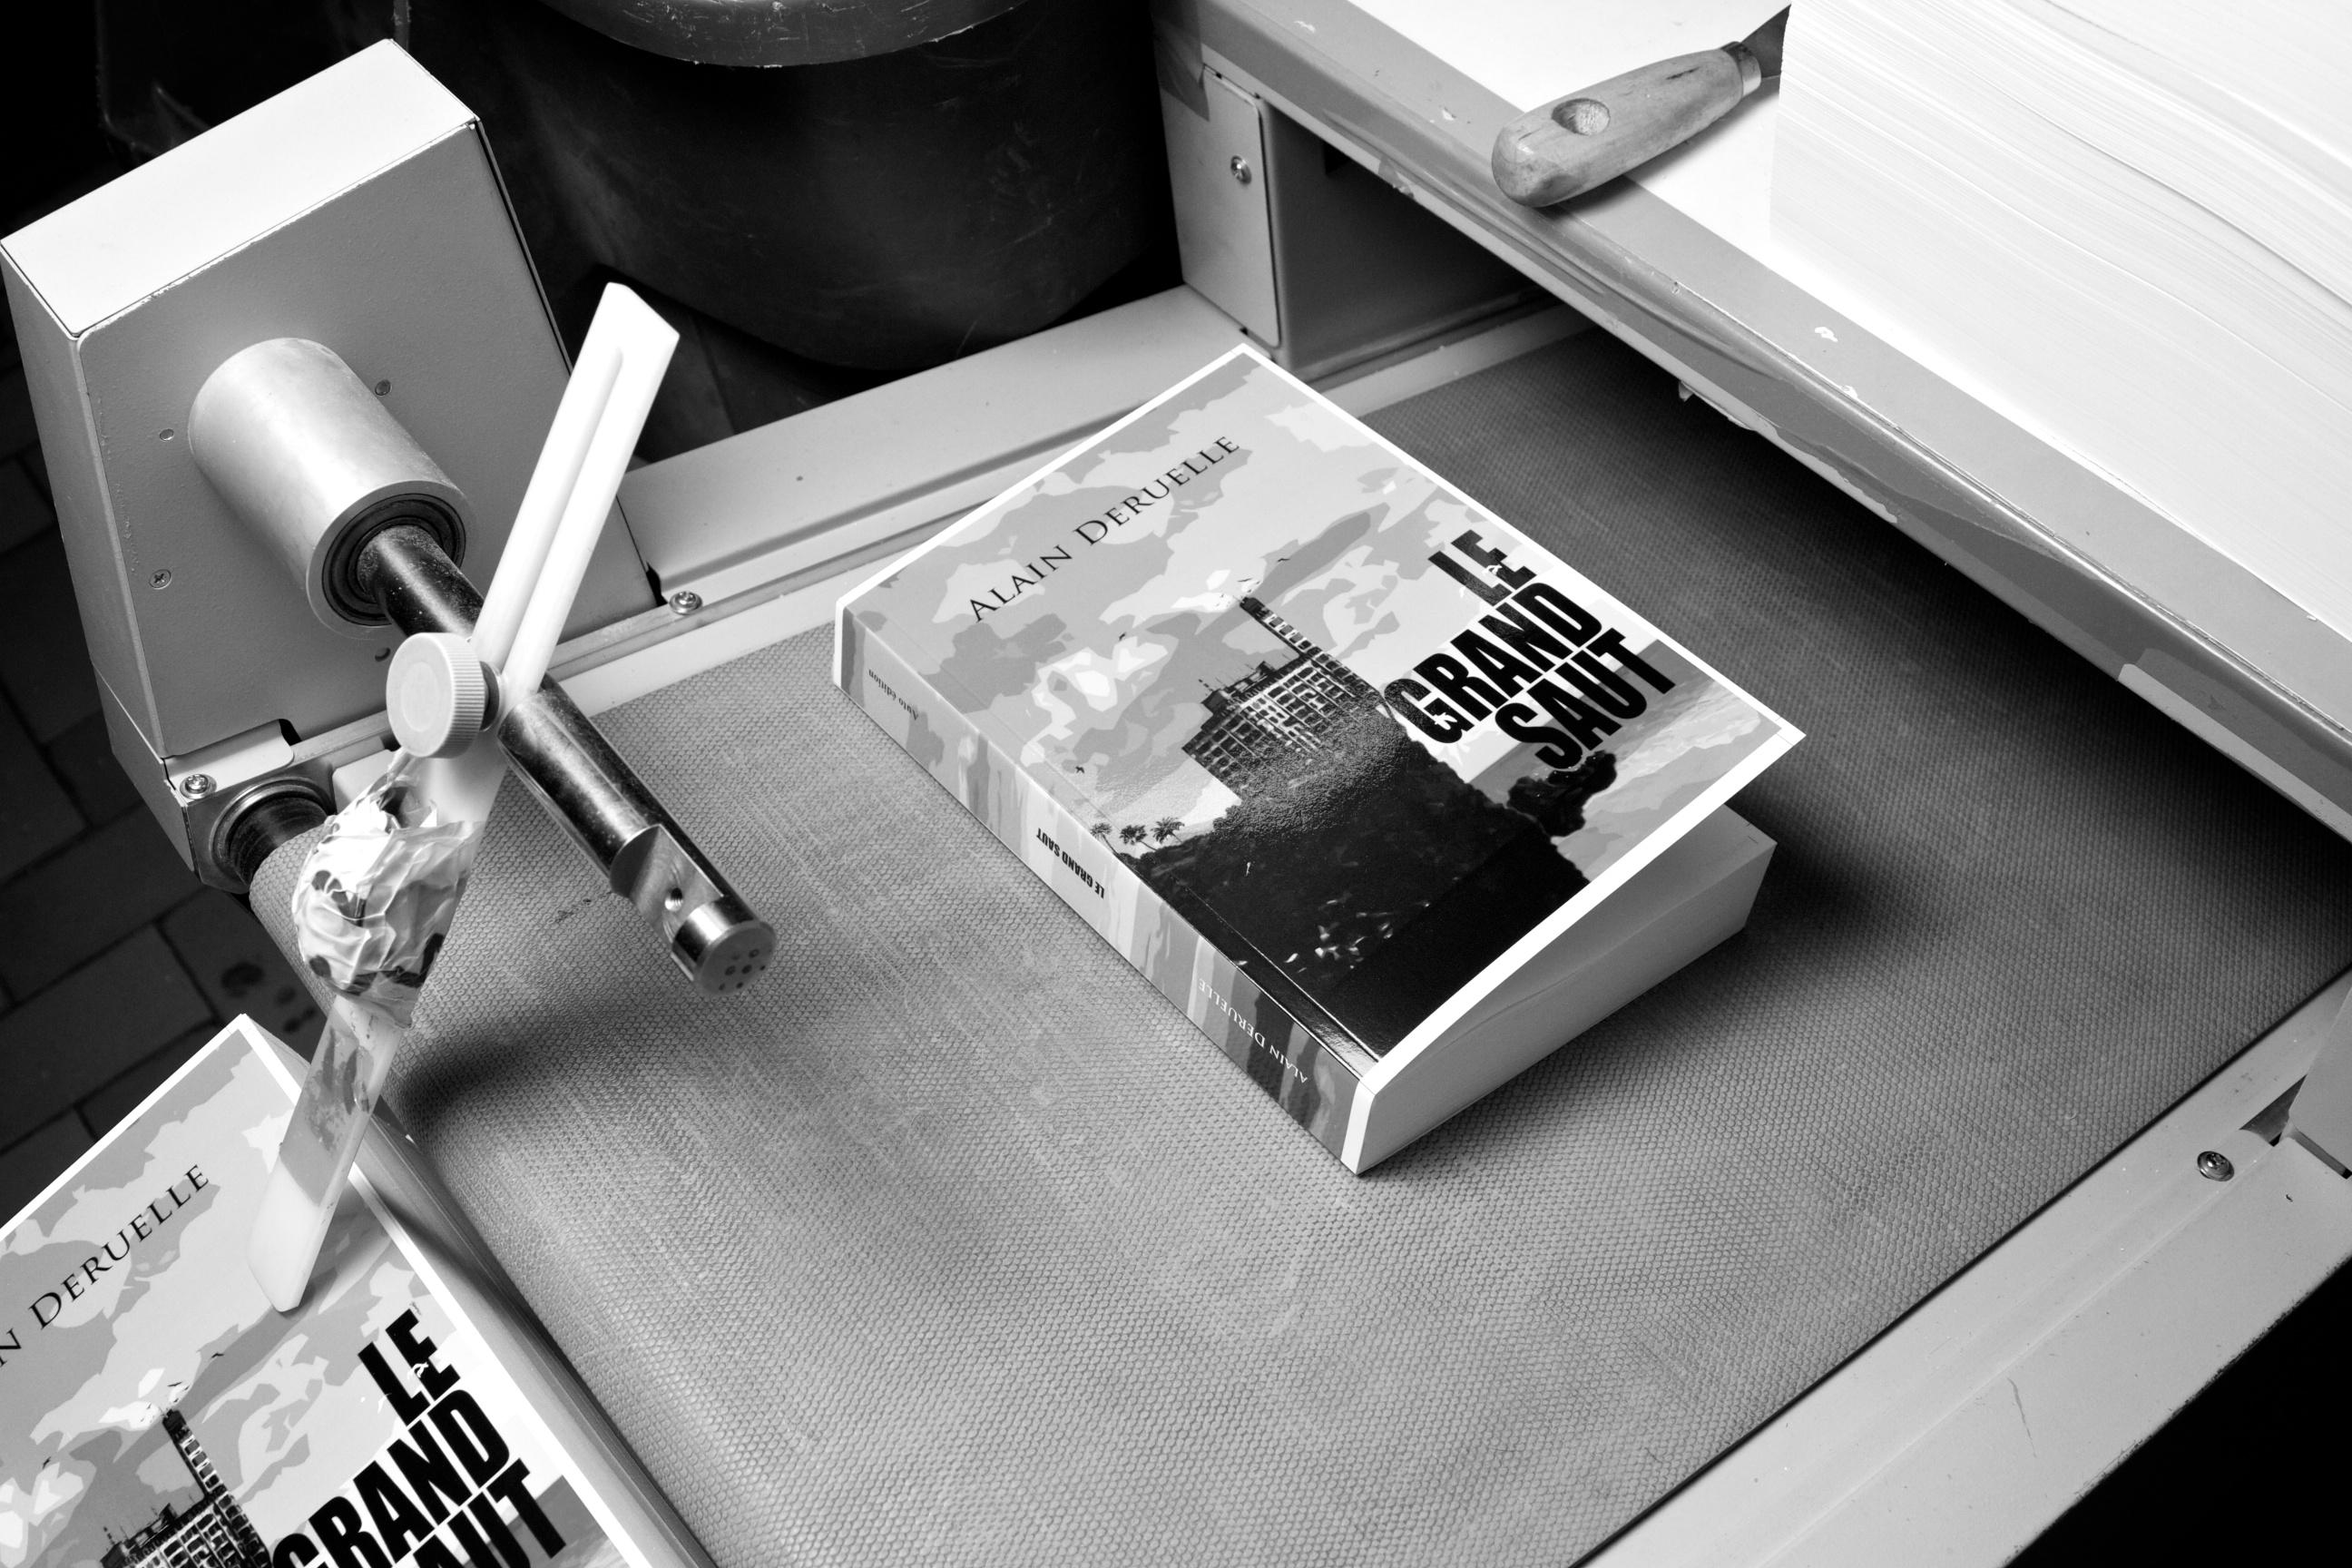 Un livre sortant de l'imprimerie